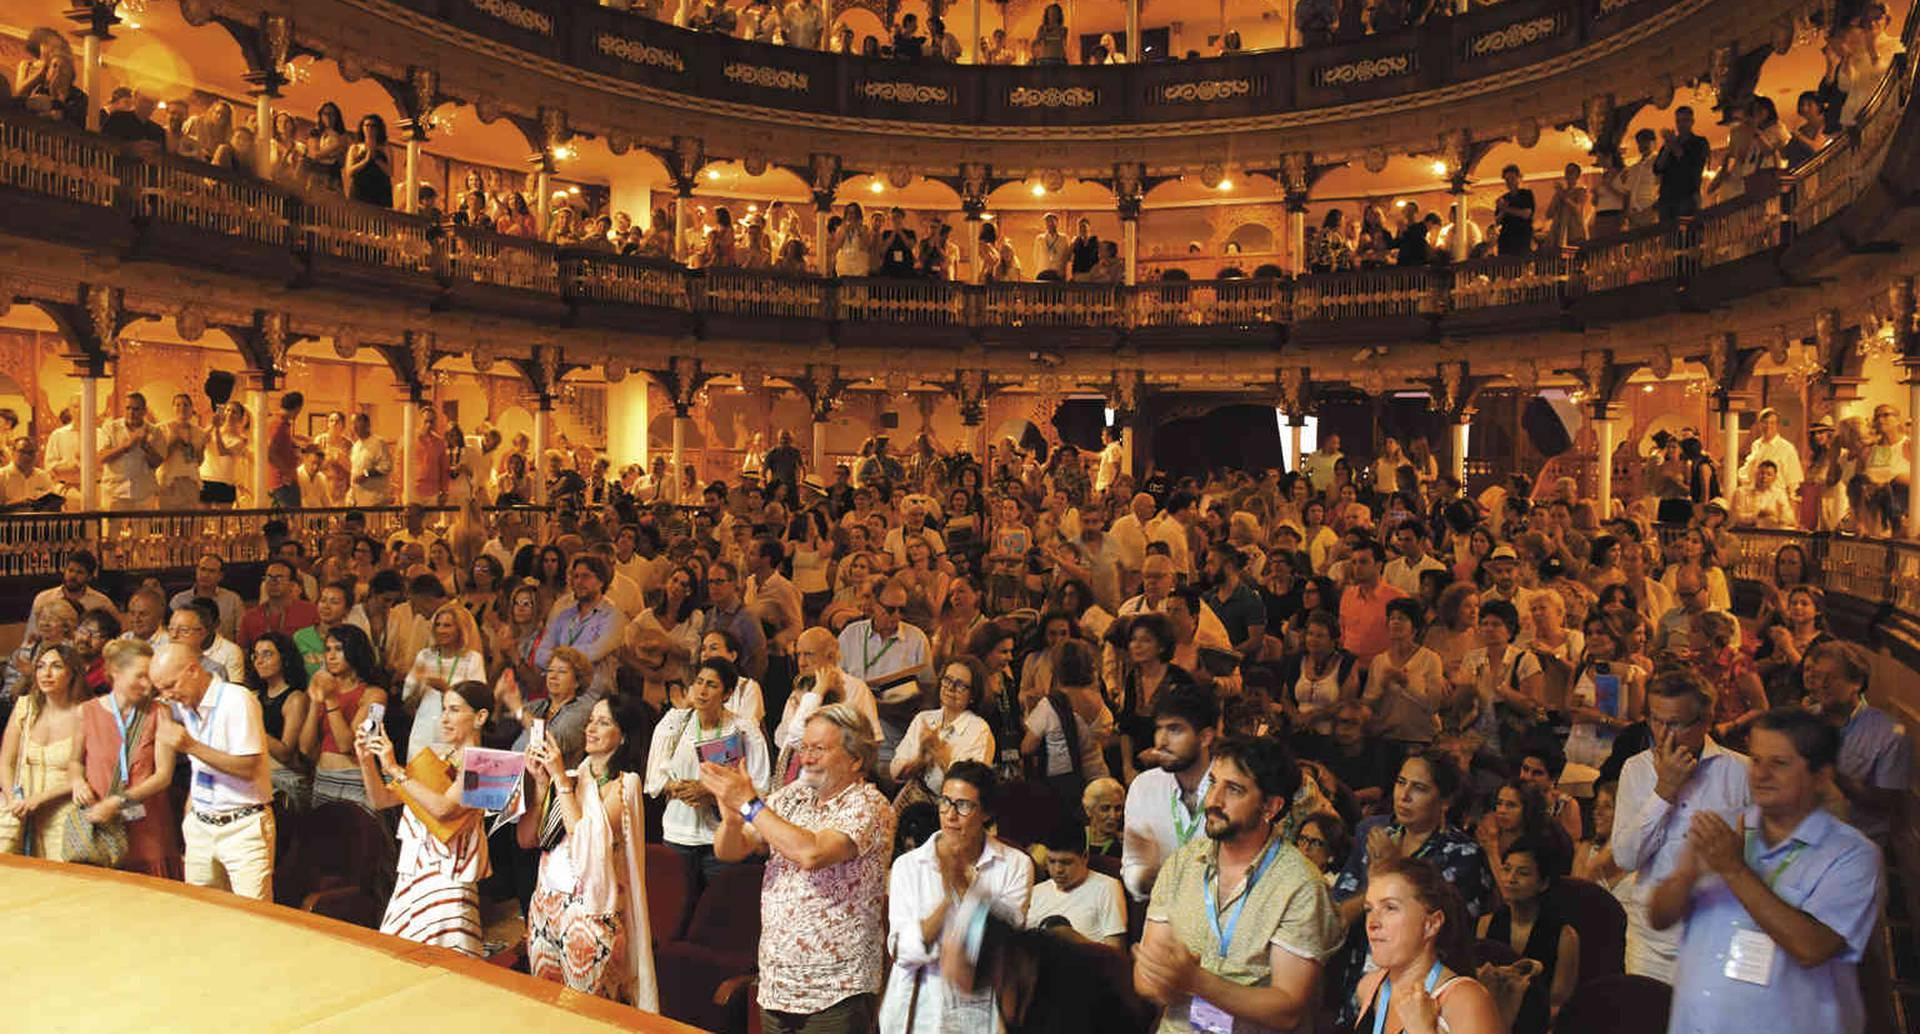 El público asistente al Teatro Adolfo Mejía ovacionó a la artista Doris Salcedo, por su compromiso con el arte y las víctimas anónimas.